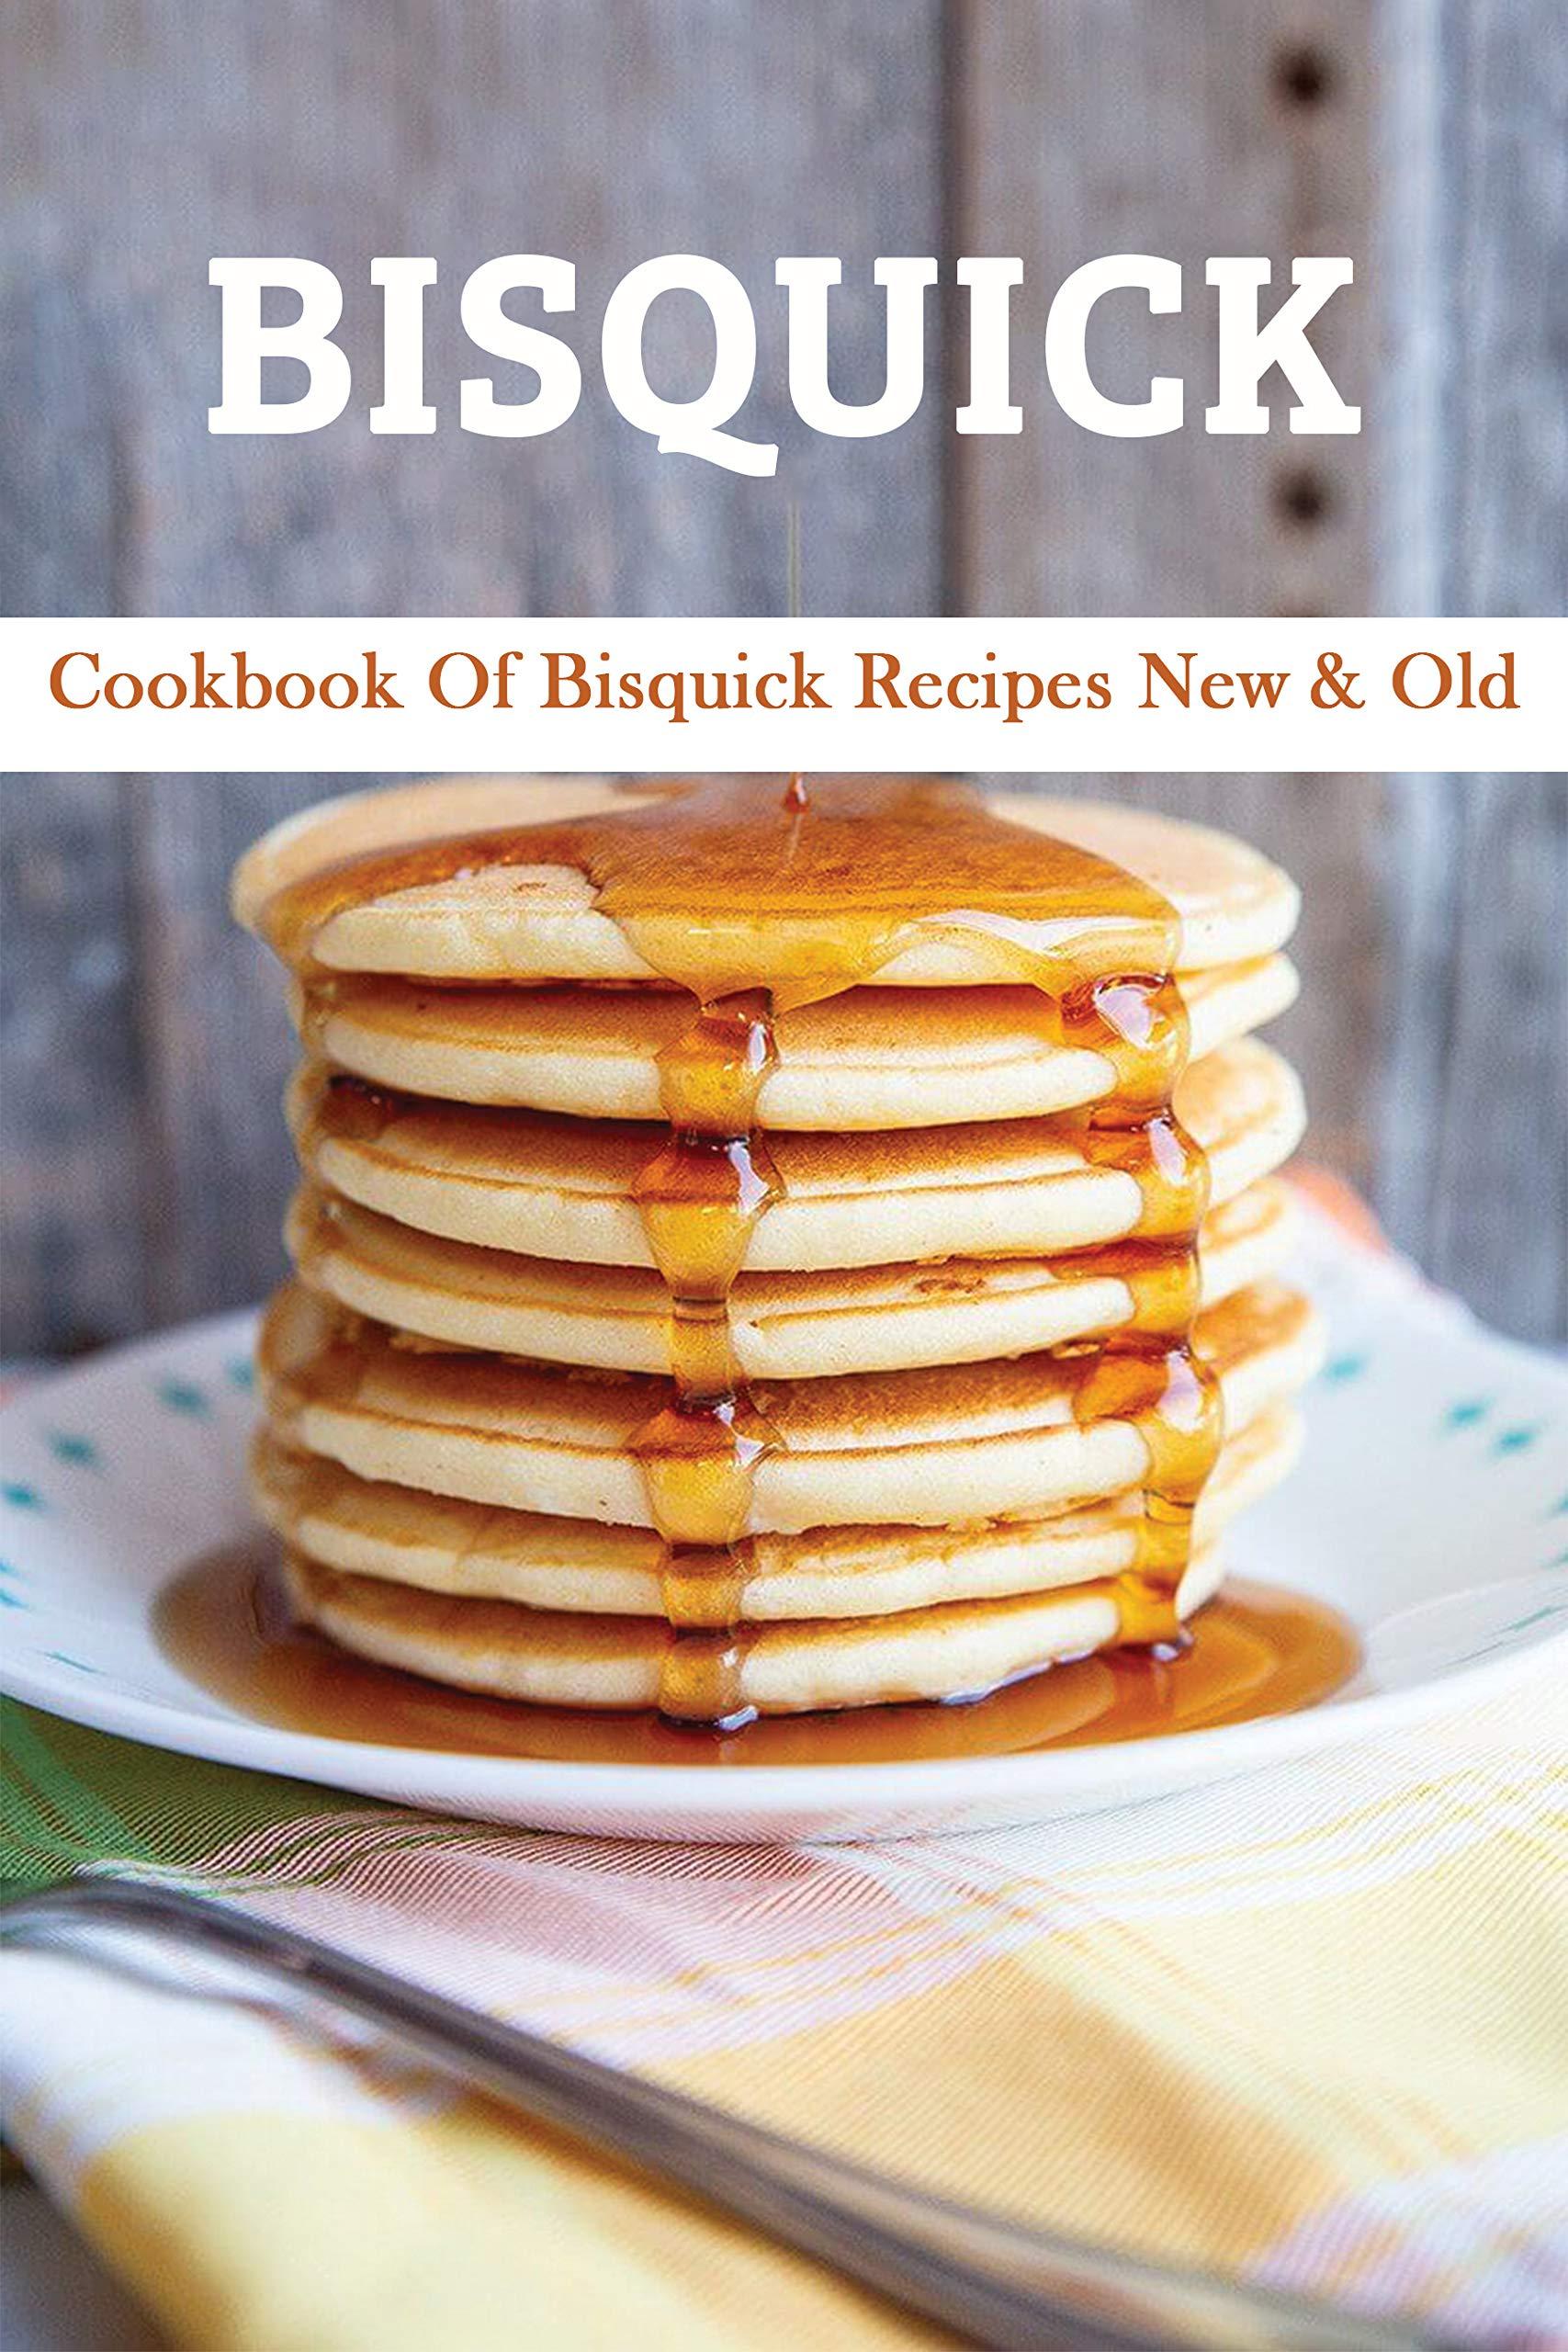 Bisquick: Cookbook Of Bisquick Recipes New & Old: Vintage Bisquick Recipes Bernard Kamensky